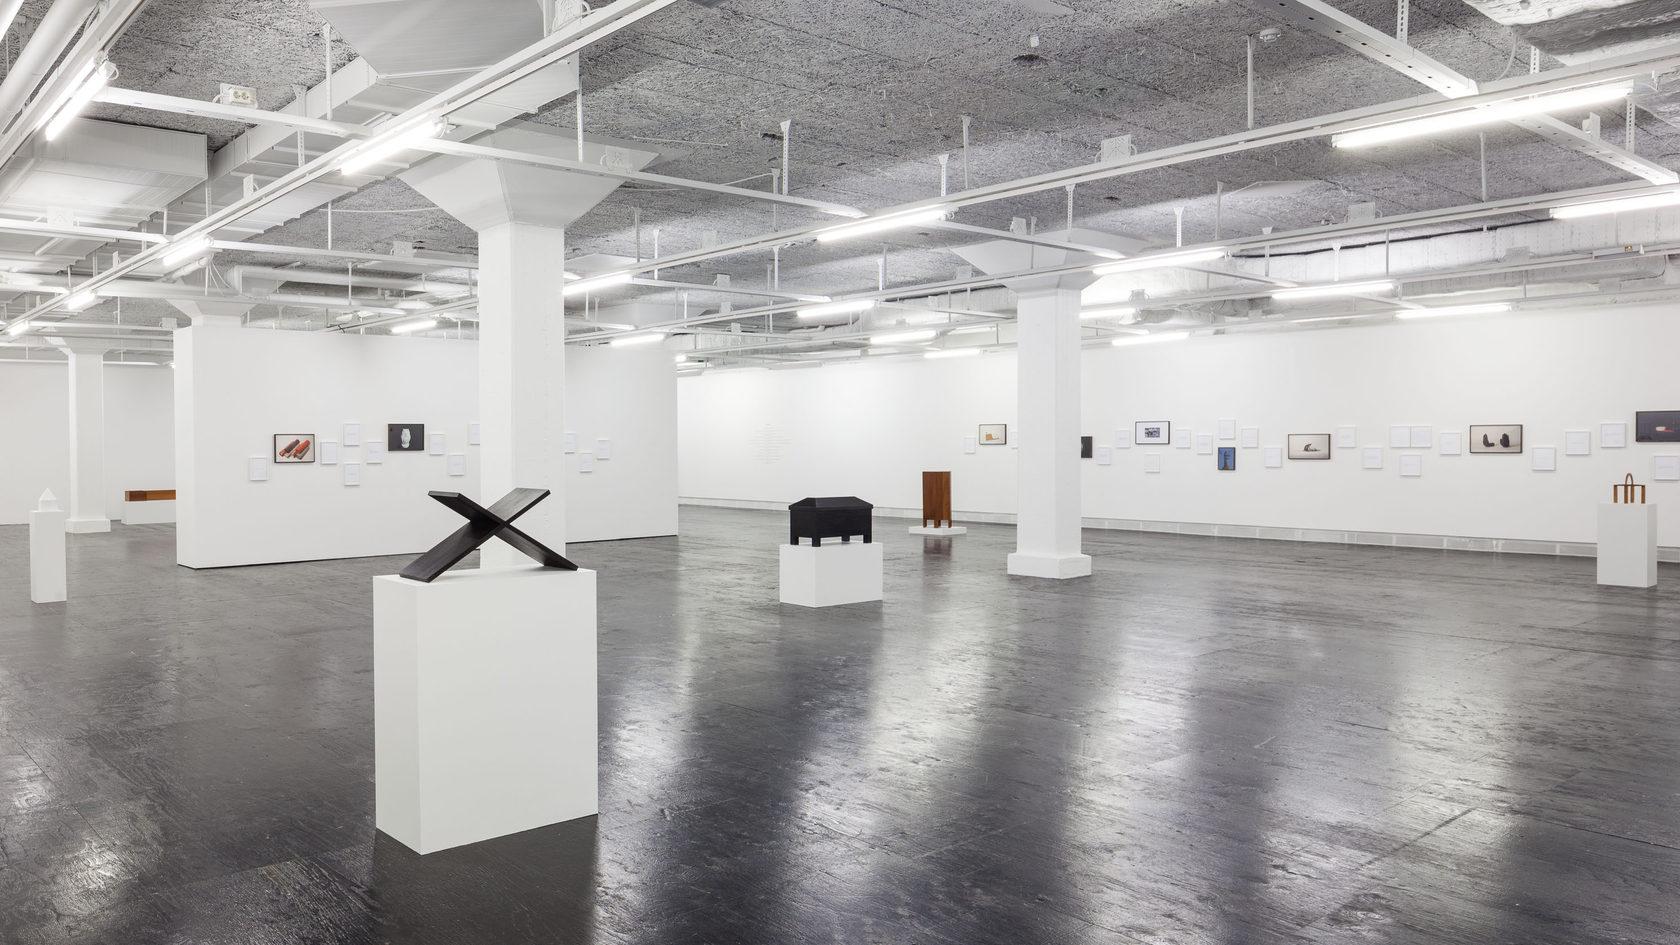 Иман Исса, Персональная выставка, 2013. Фотограф: Жан-Баптист Беранже